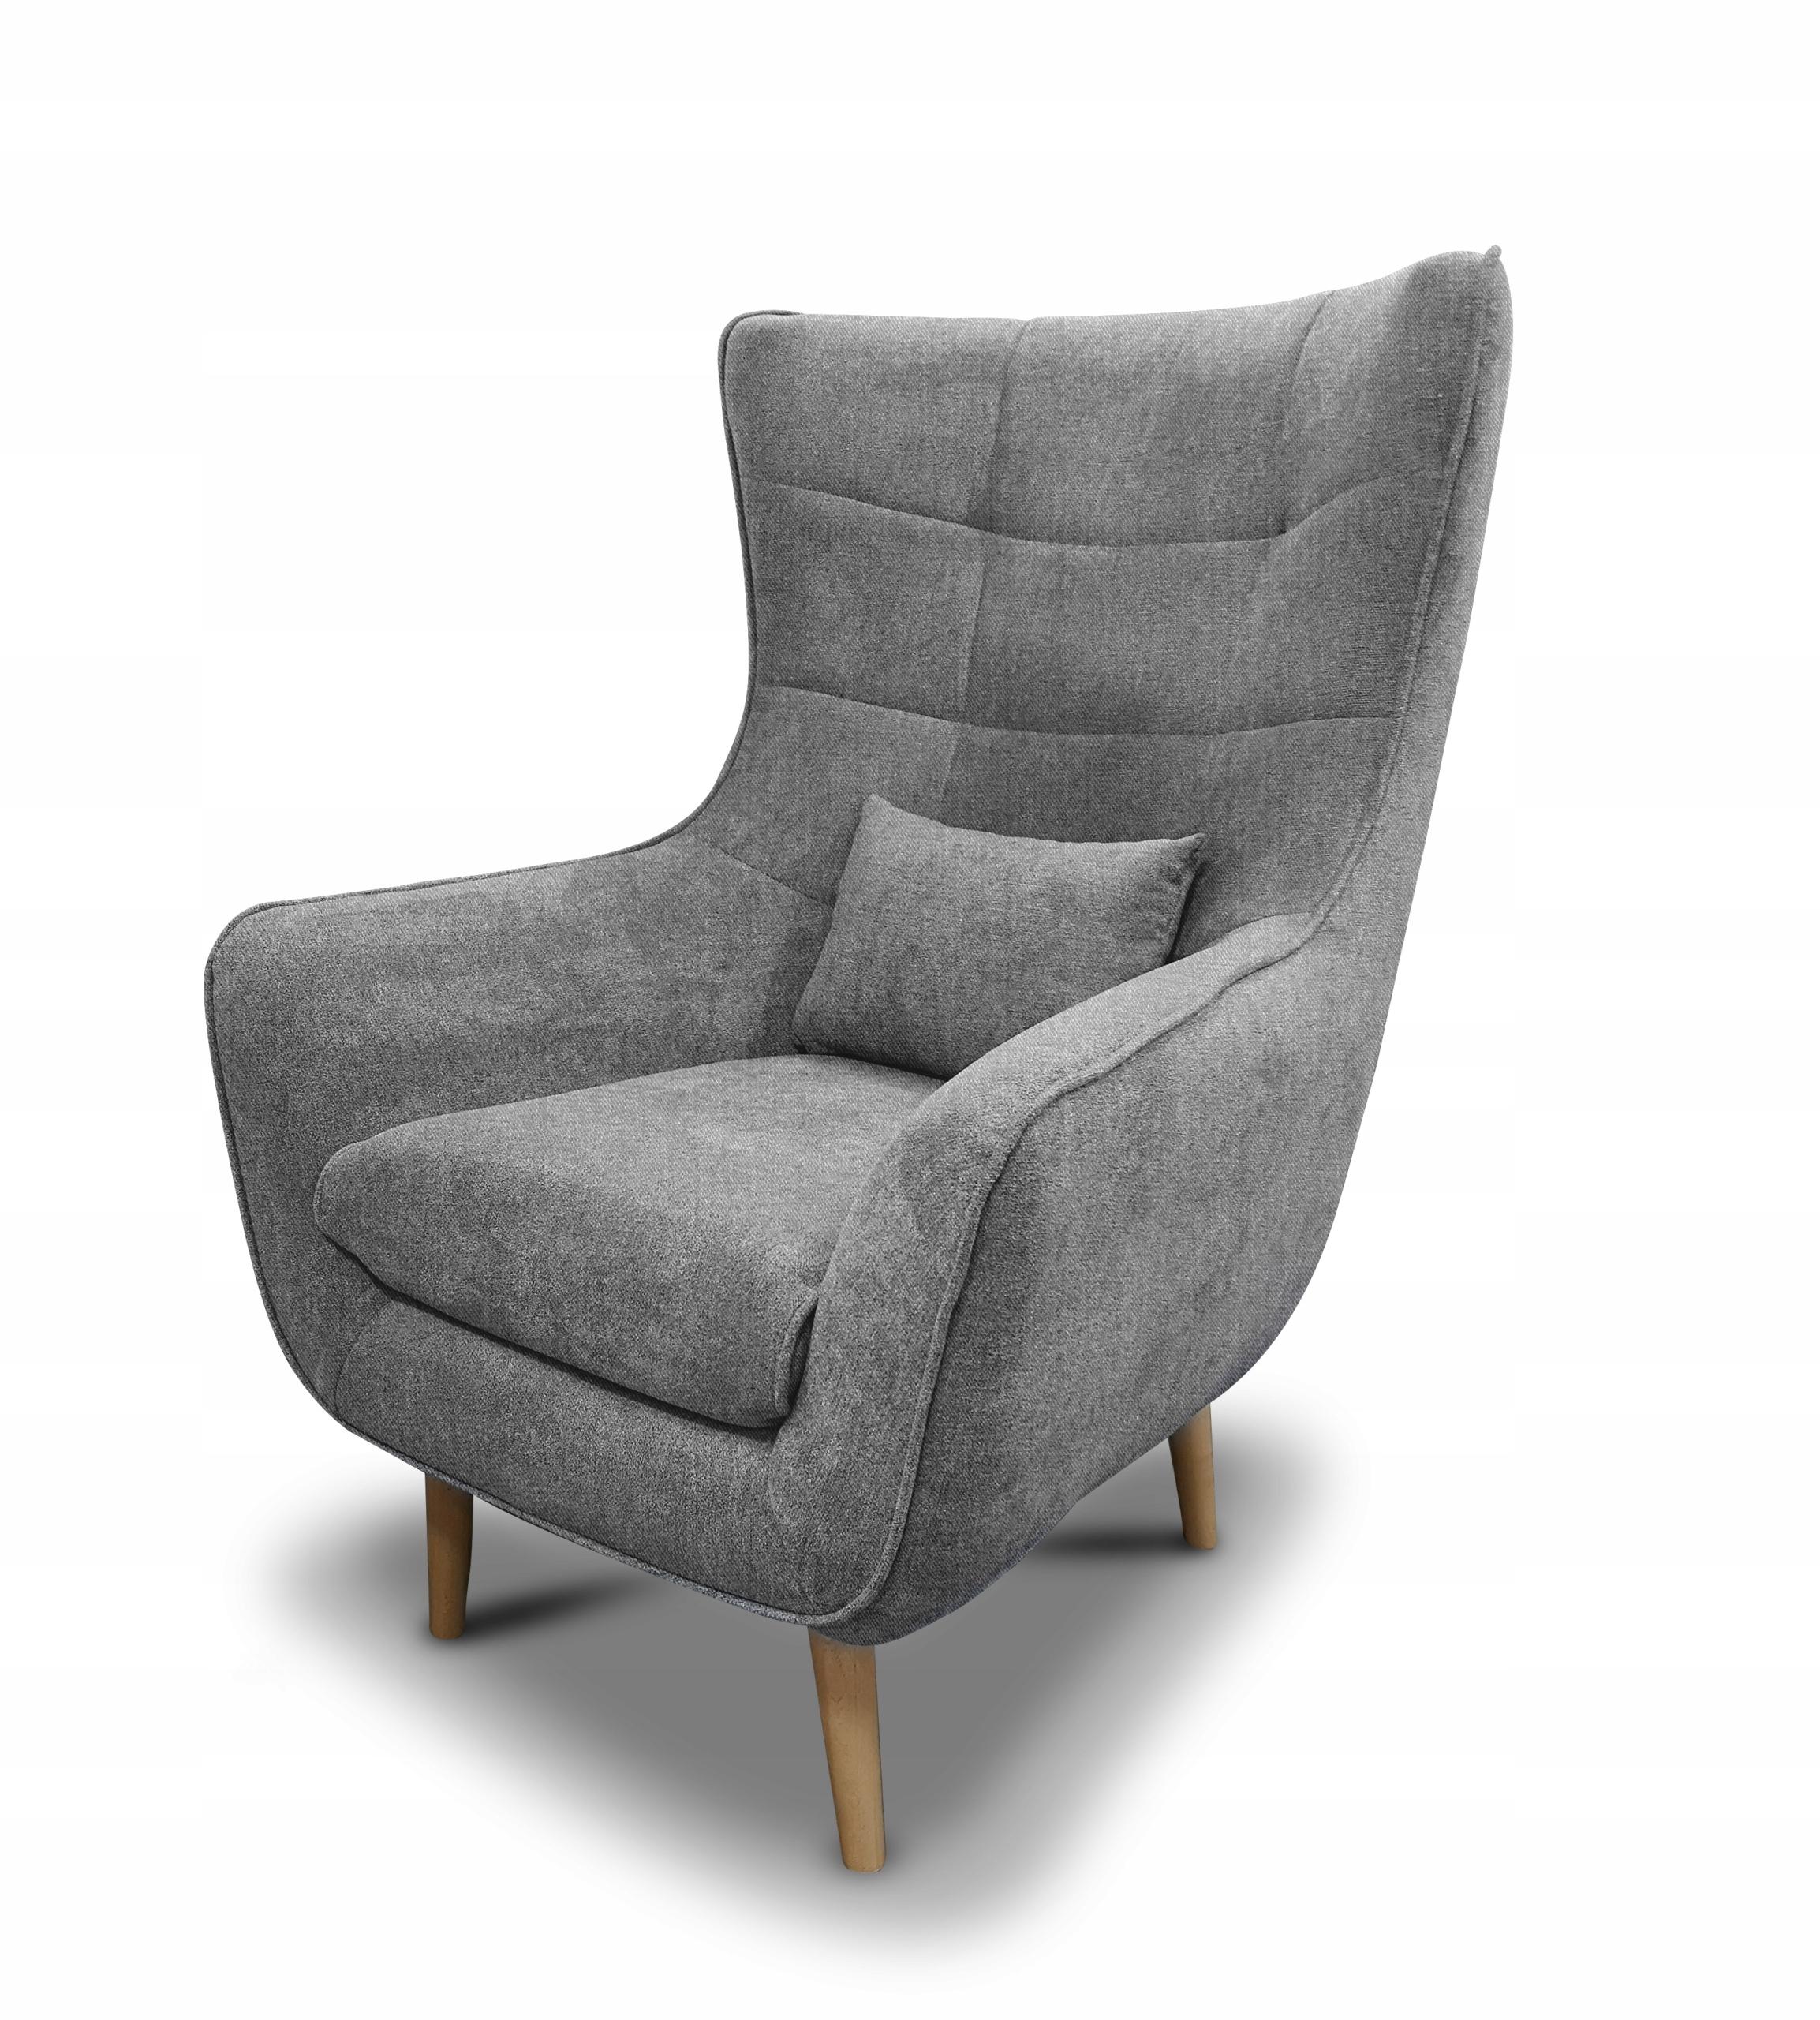 Кресло Uszak Lord - скандинавский дизайн, удобное